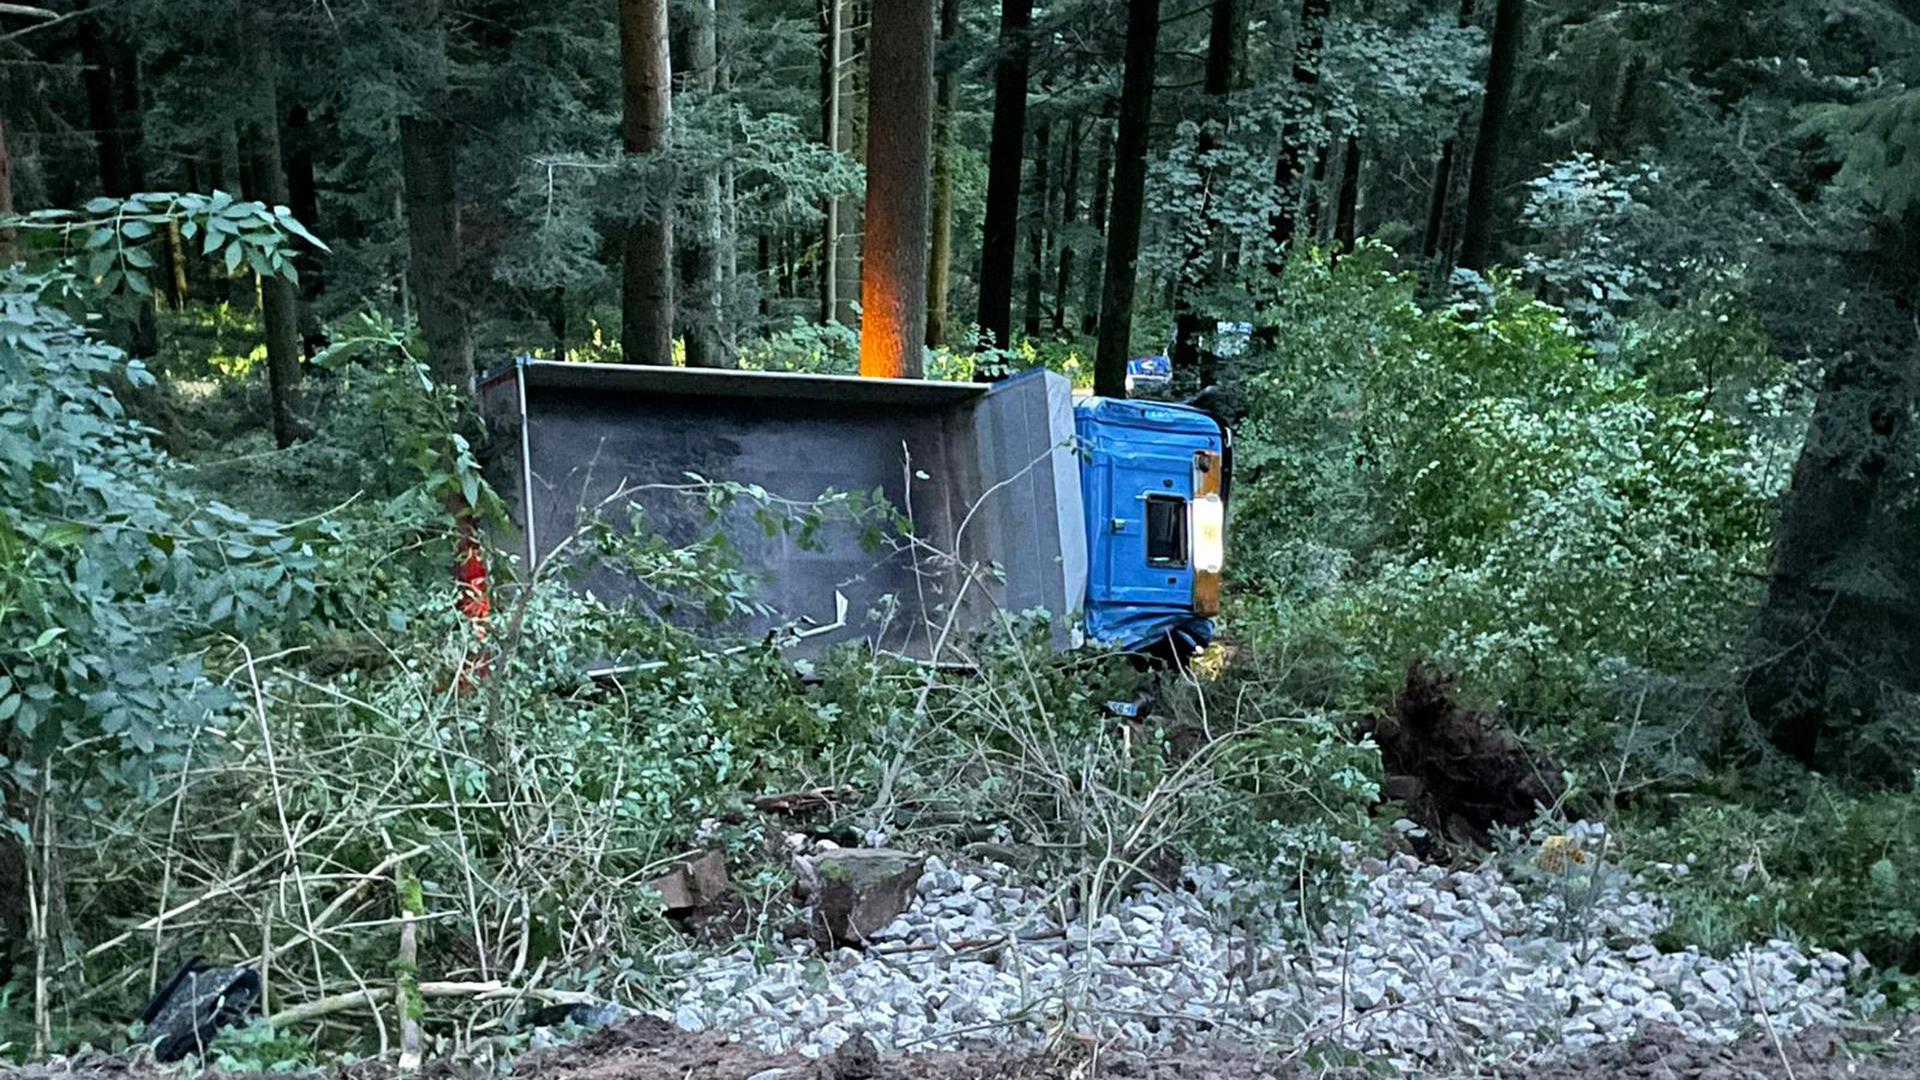 Lkw Wald Sturz